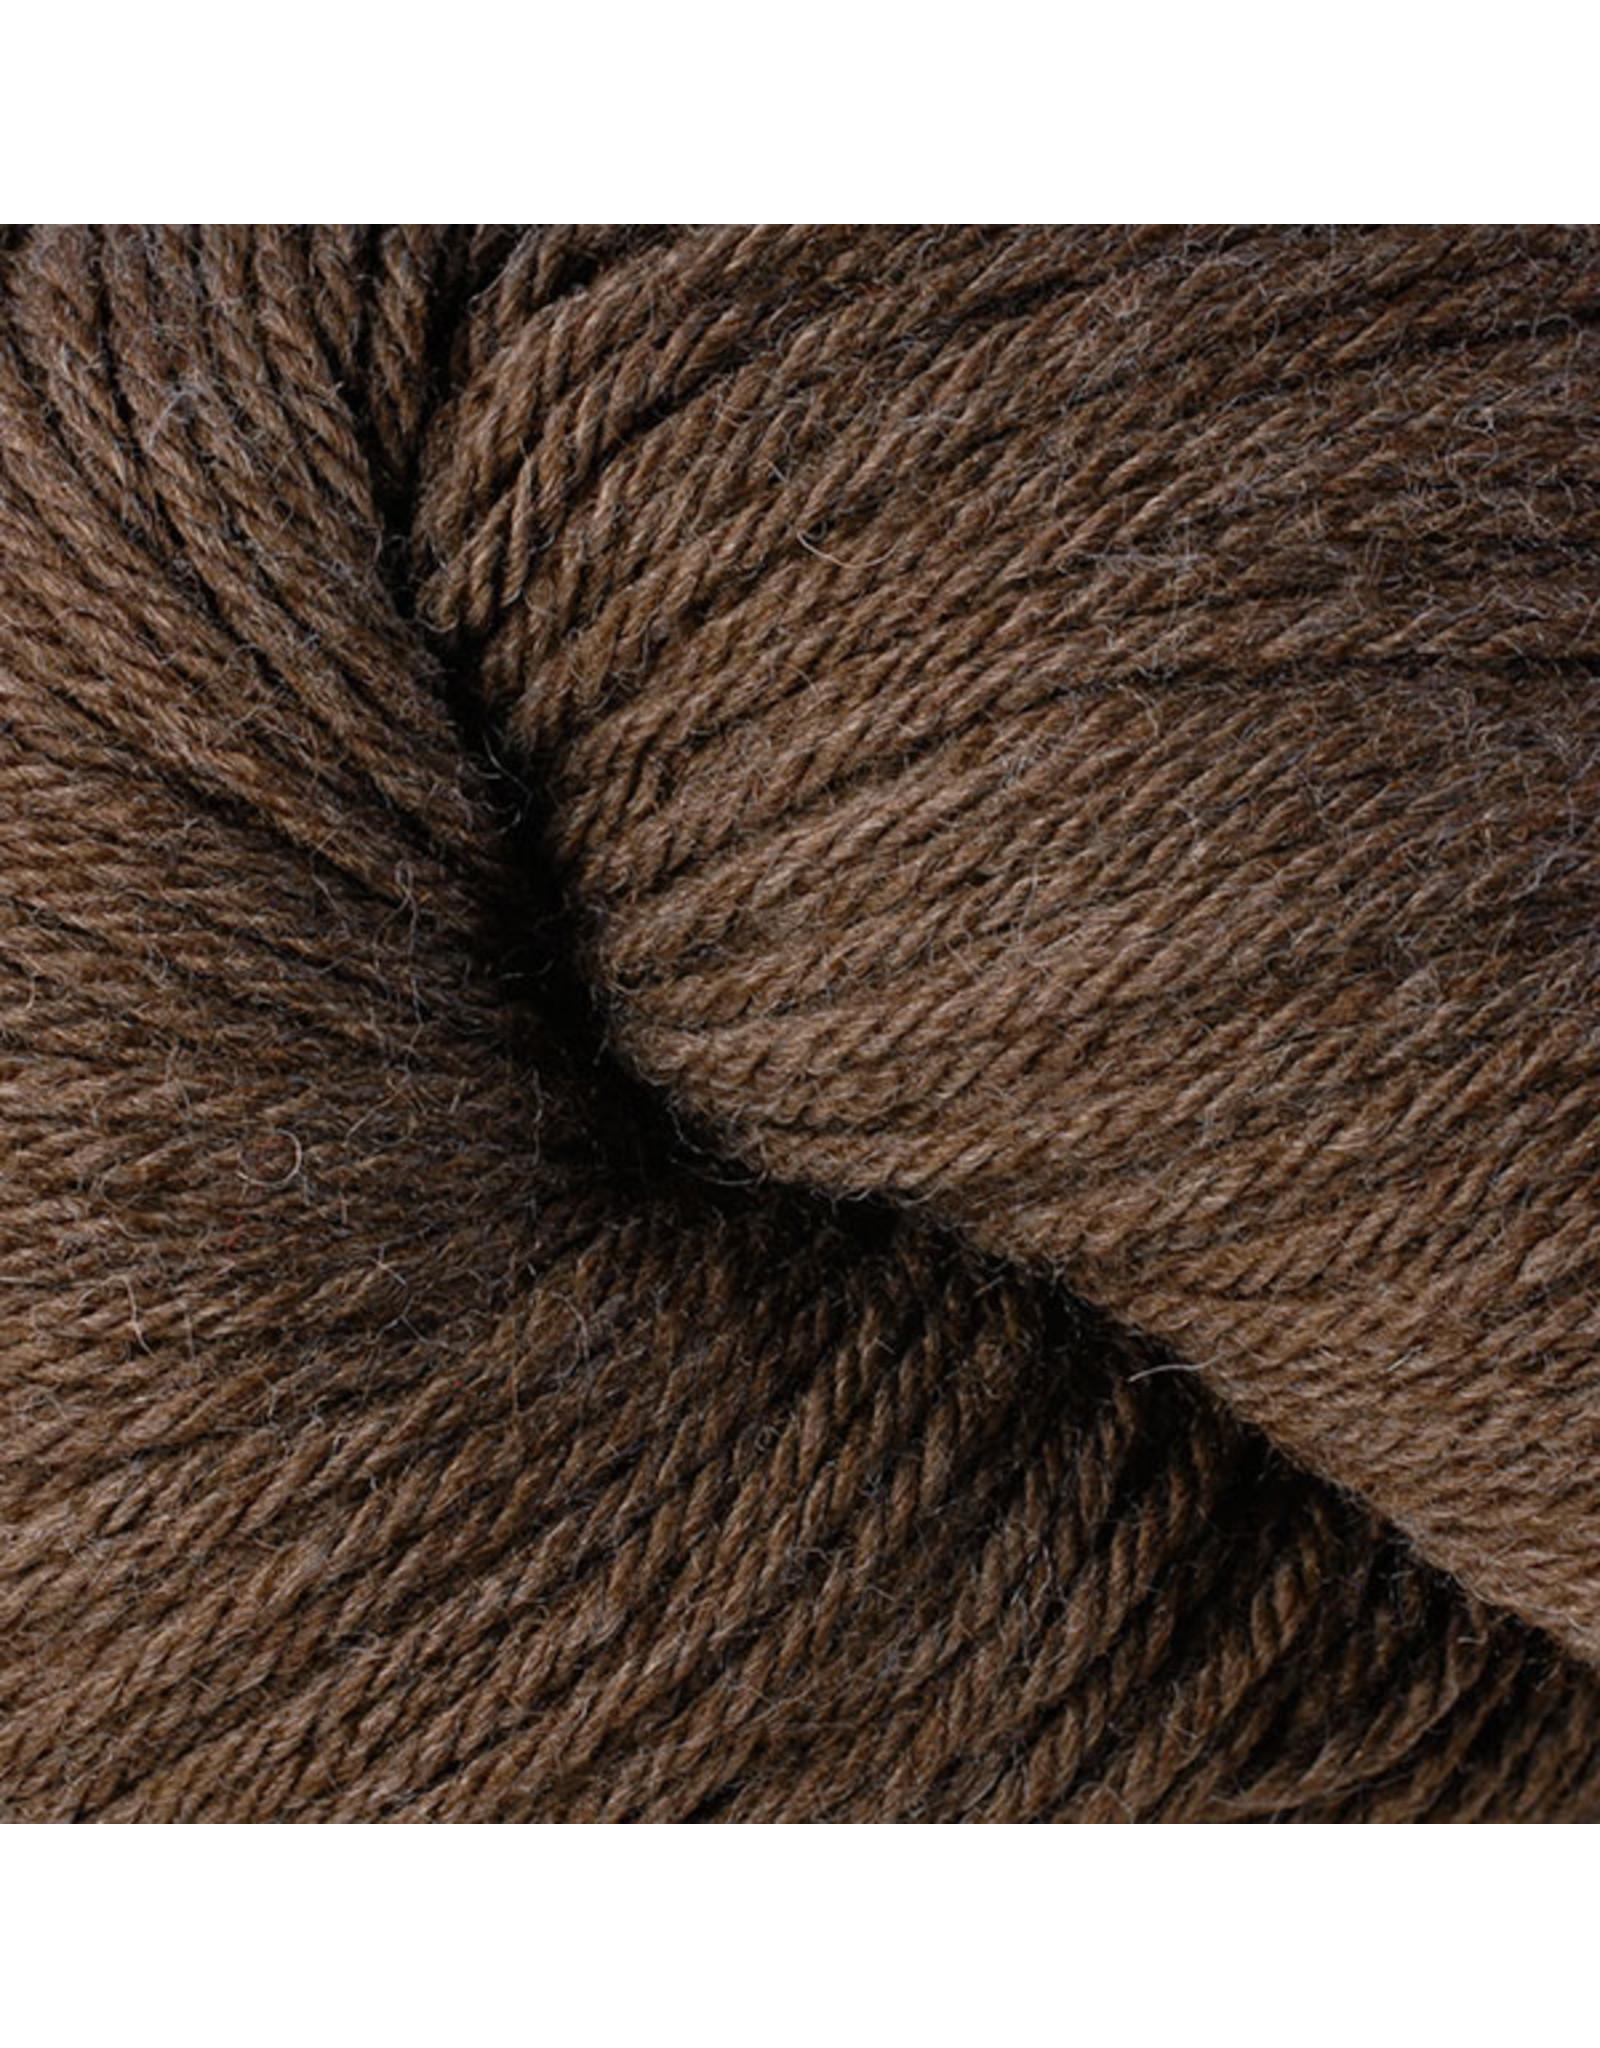 Berroco Berroco: Retta Kit (Orange/Brown),